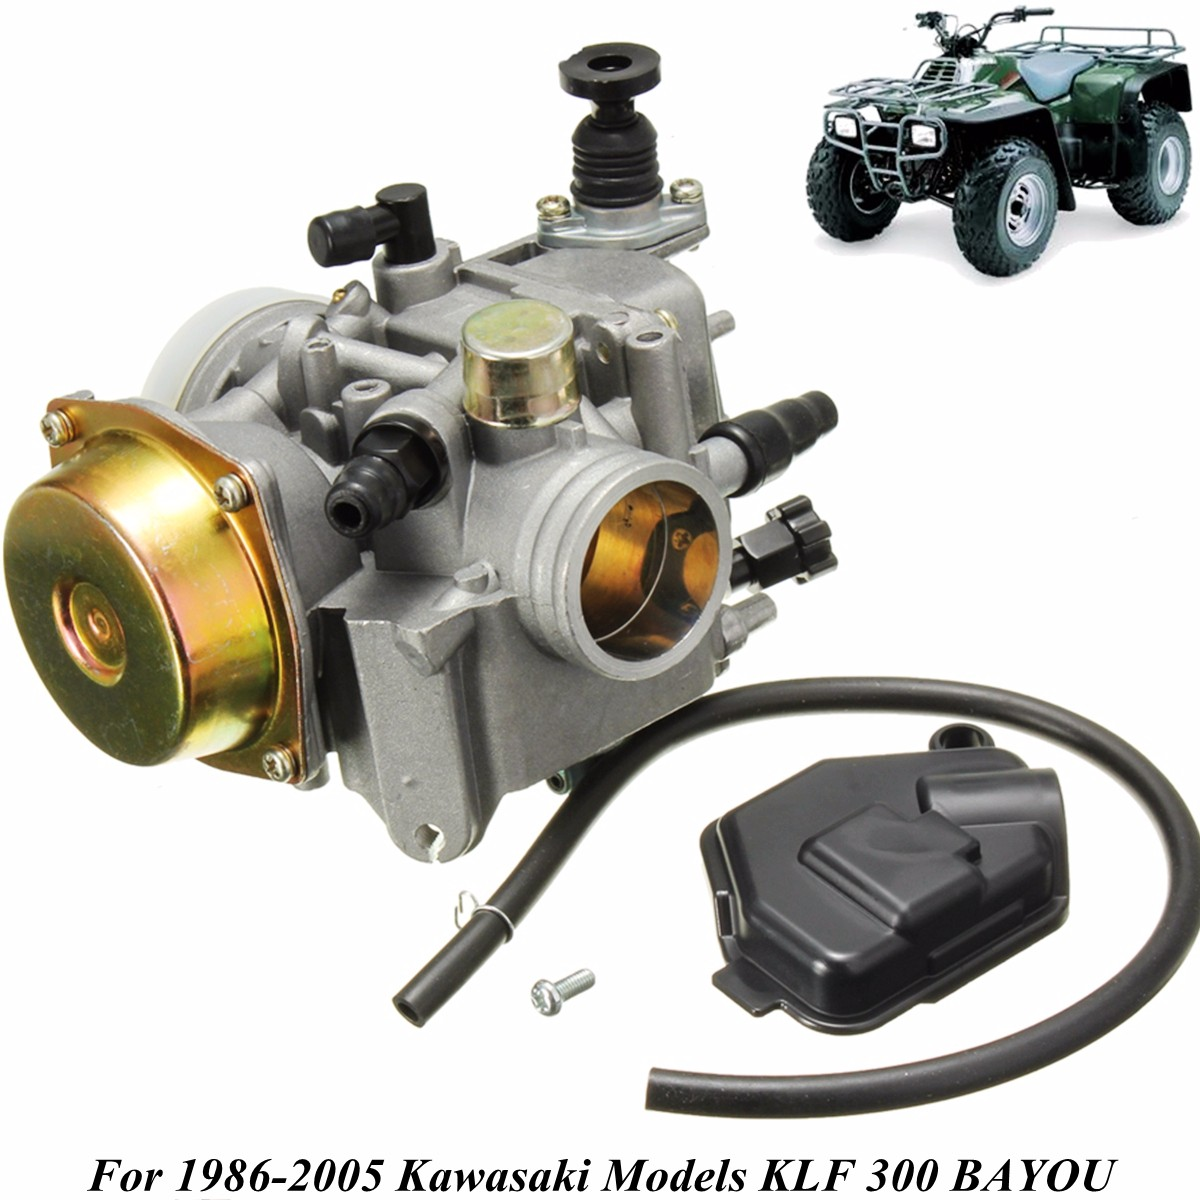 ZZP-K300343-05 4 Stroke Carburetor Carb For Kawasaki KLF 300 BAYOU ATV 1986-2005 15 x 12 x 11cmZZP-K300343-05 4 Stroke Carburetor Carb For Kawasaki KLF 300 BAYOU ATV 1986-2005 15 x 12 x 11cm